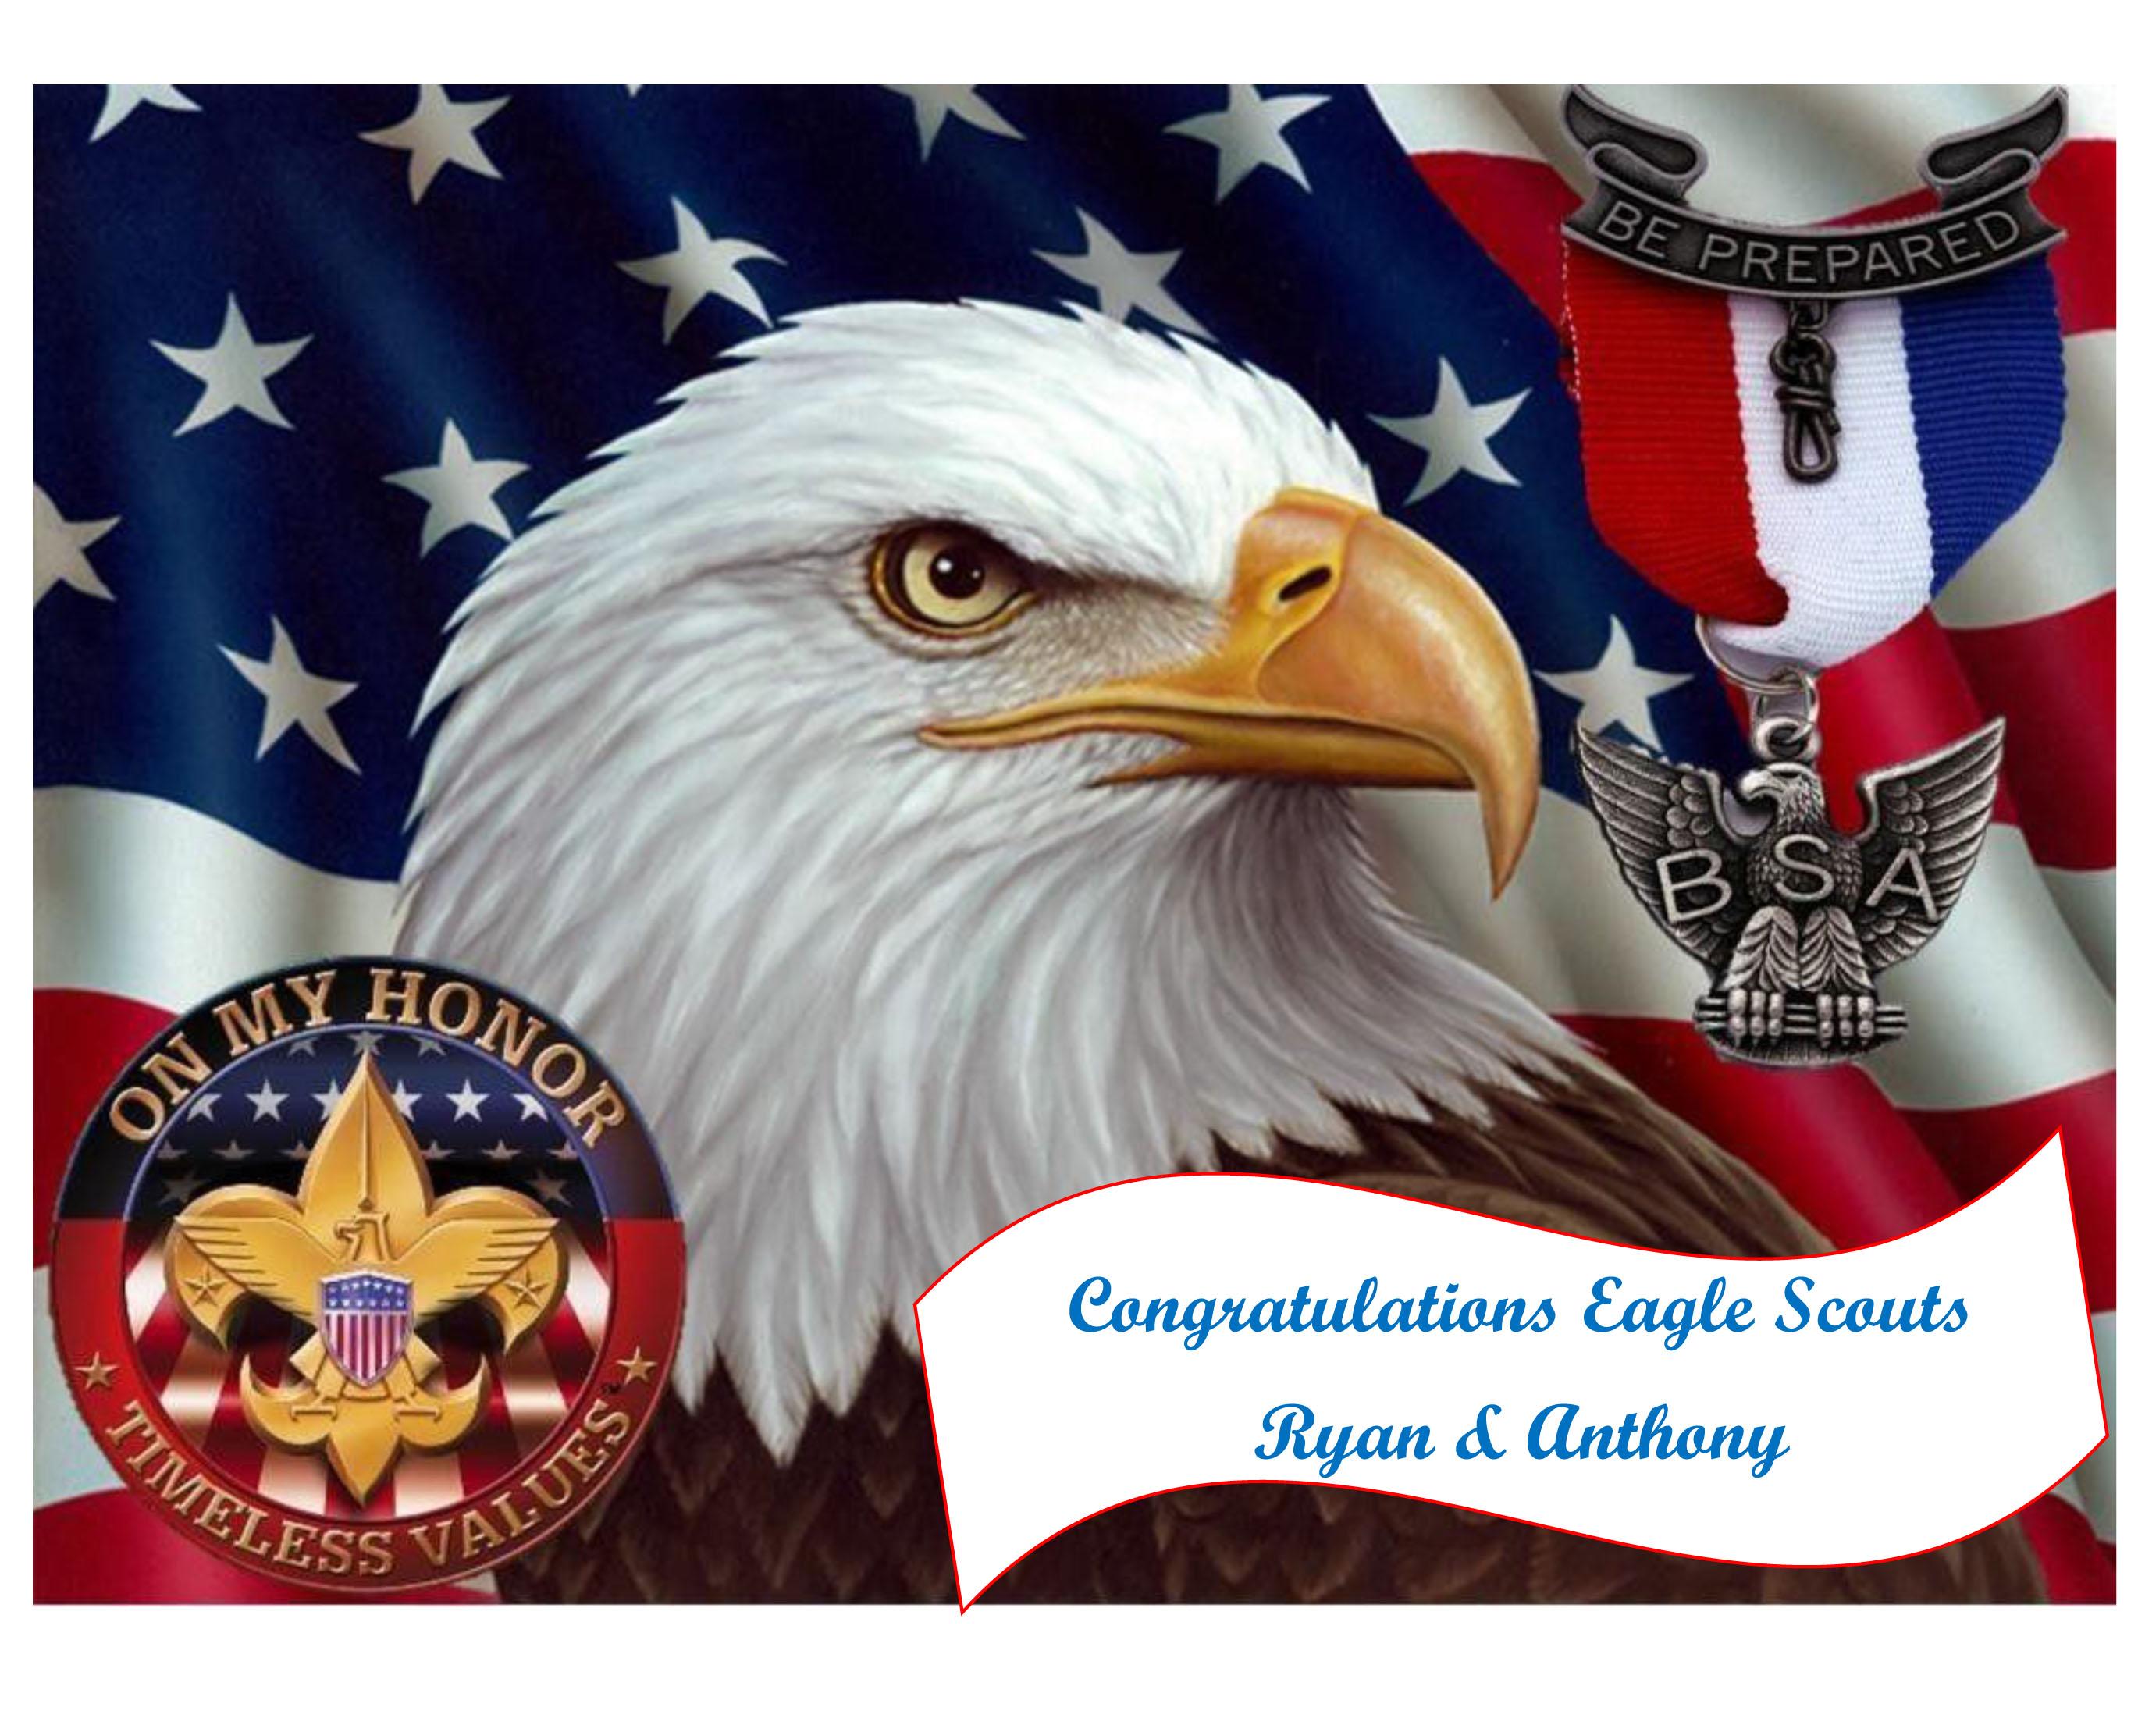 Eagle Party Decorations Similiar Eagle Scout Party Keywords